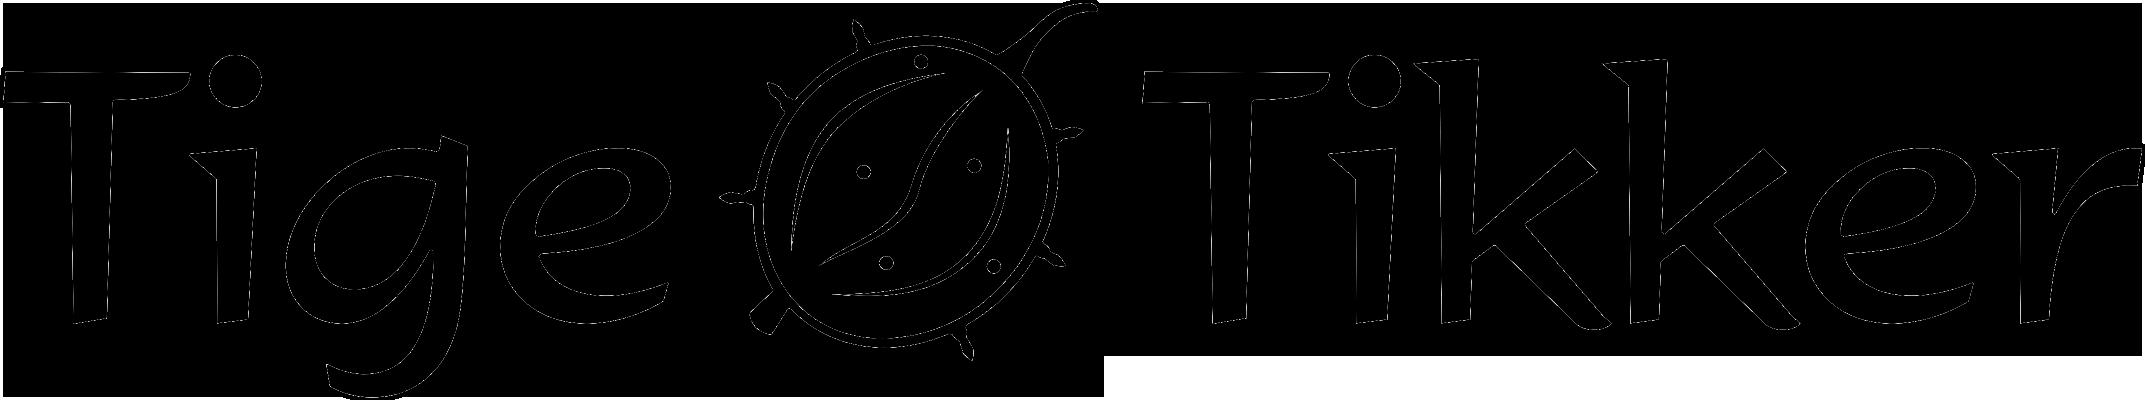 logo pikk valge